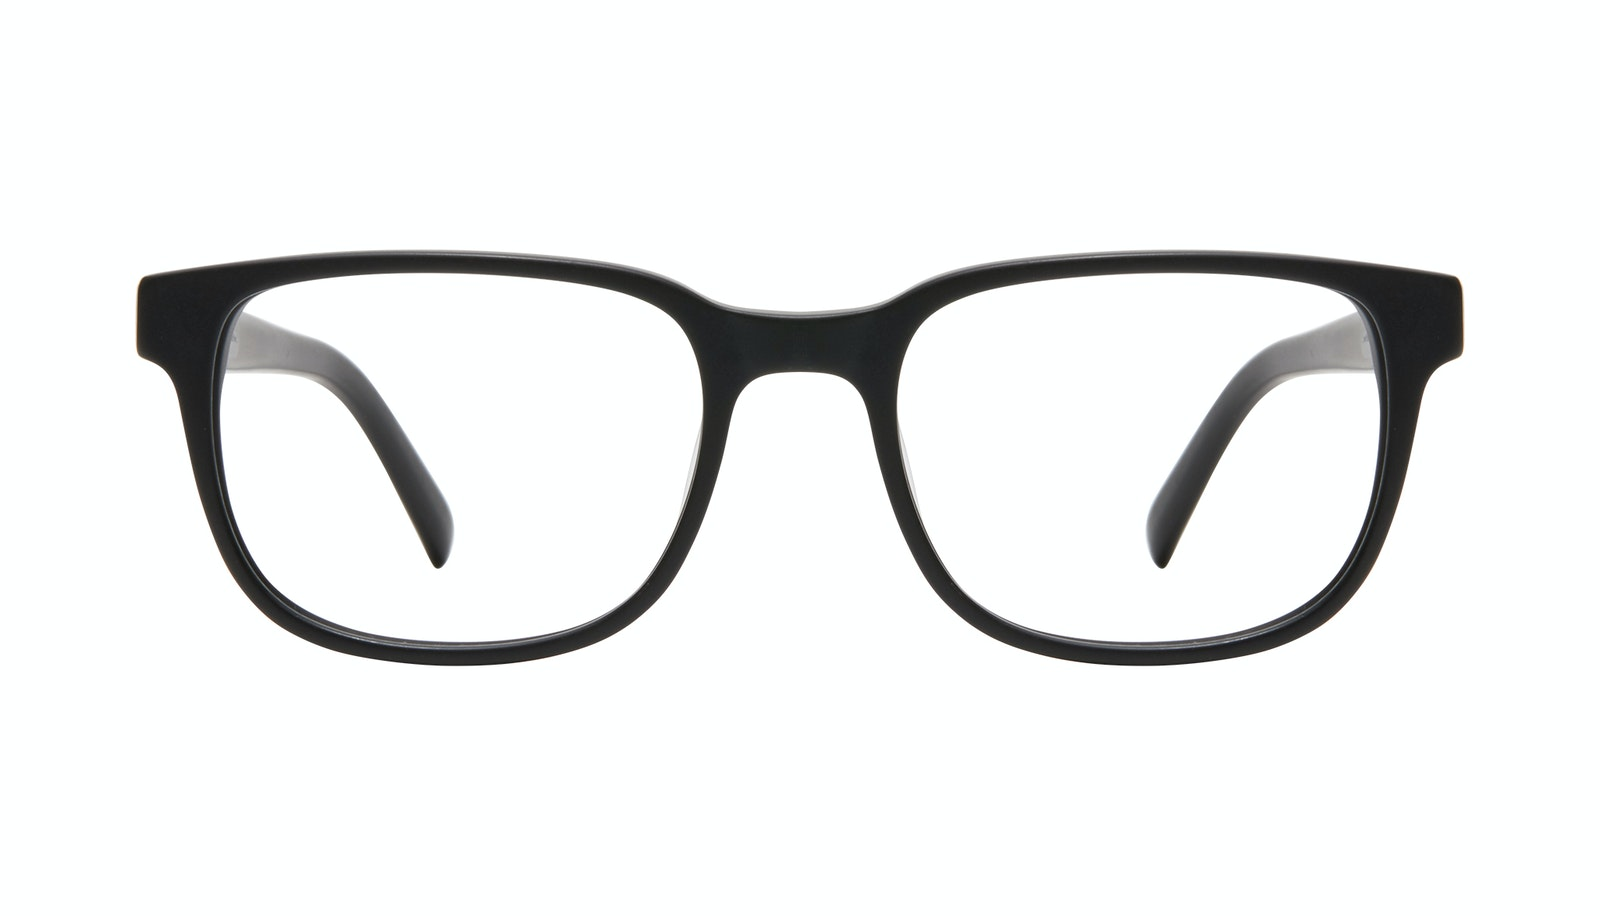 Lunettes tendance Carrée Lunettes de vue Hommes Role L Black Matte